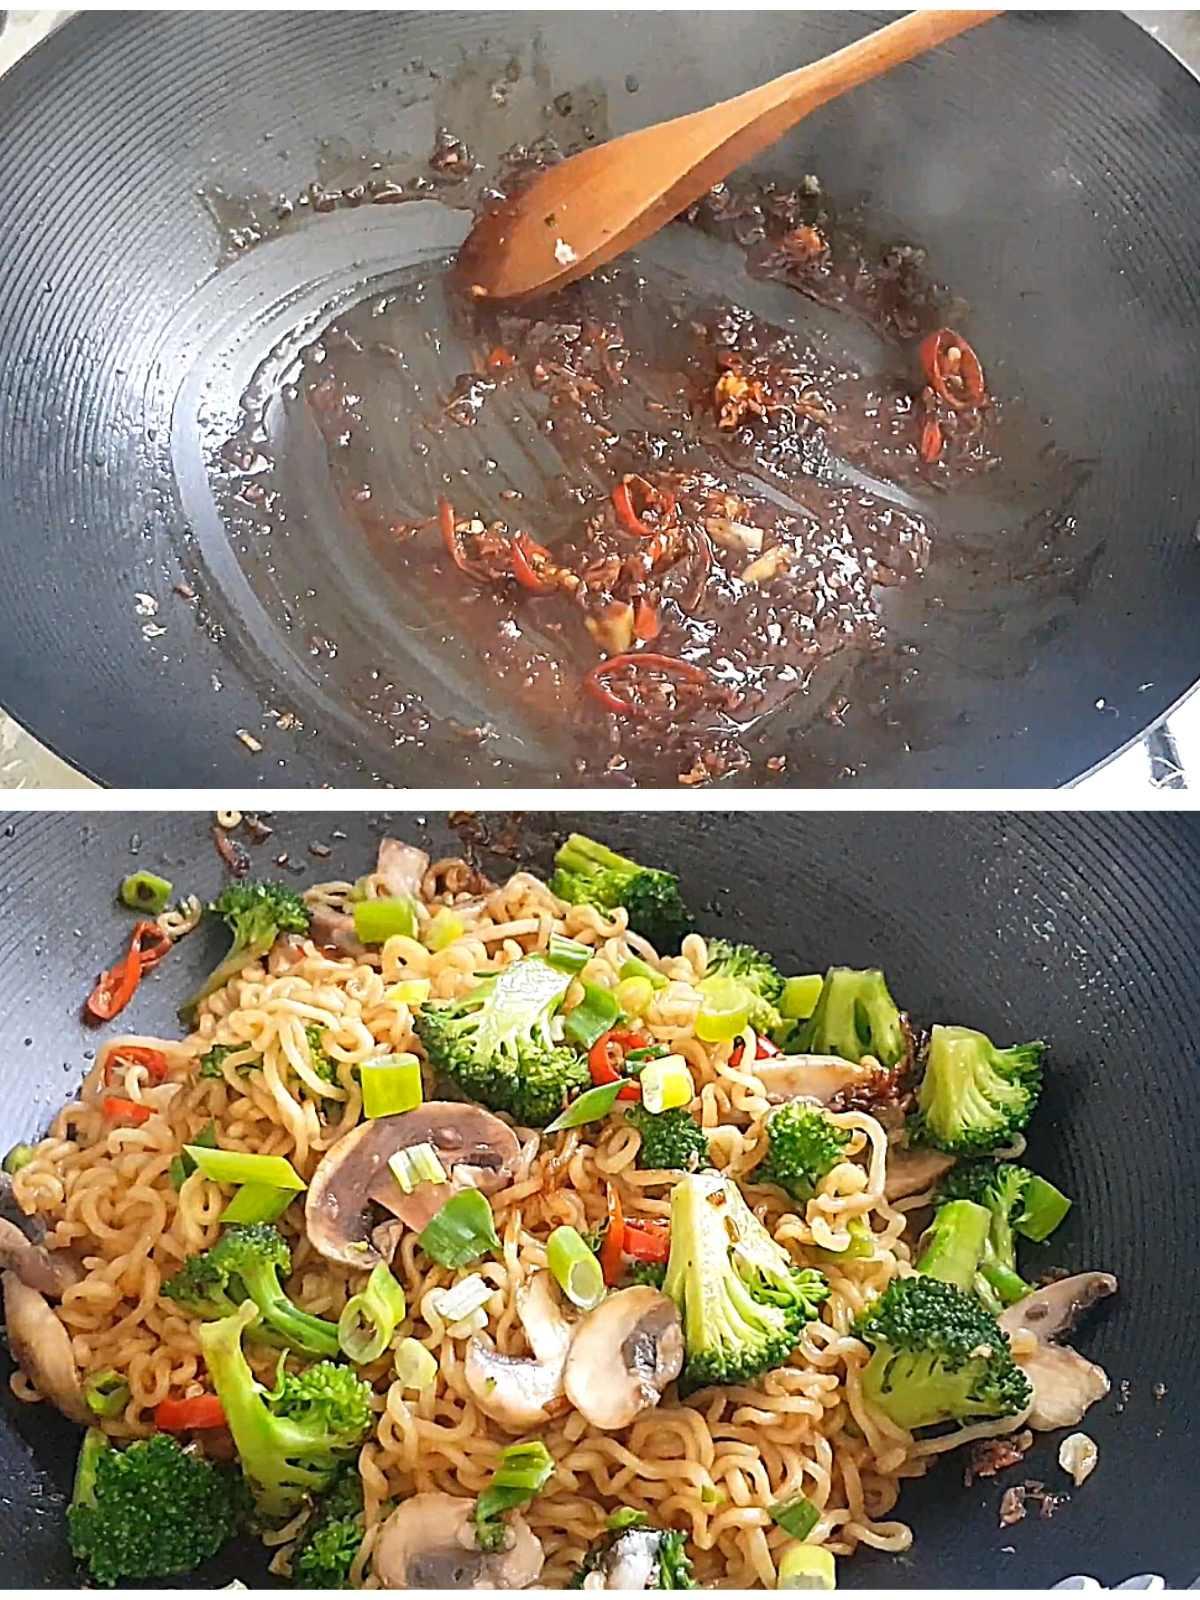 Process shots of how to make vegan ramen stir fry with veggies